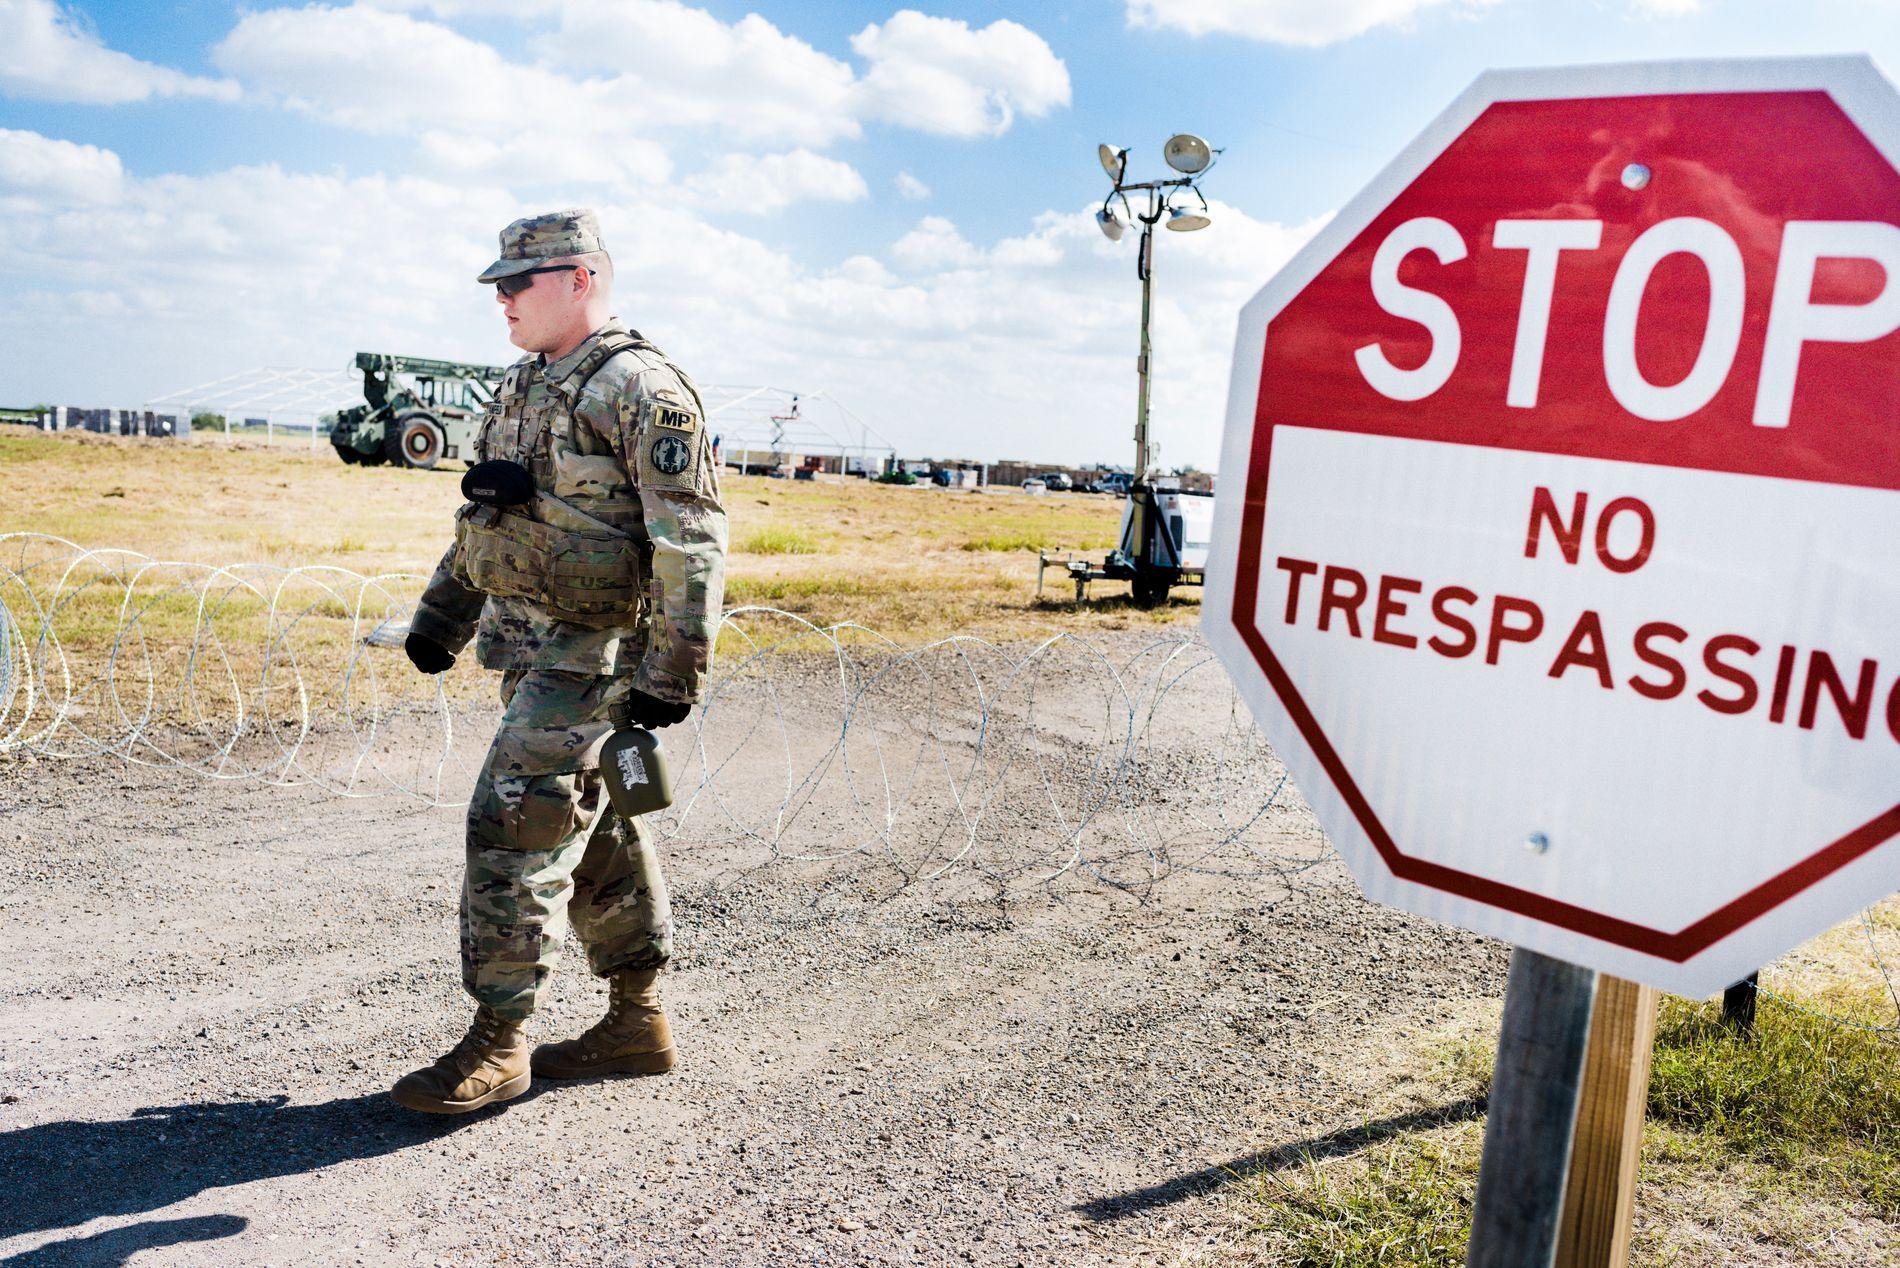 HIT, MEN IKKE LENGER: I grenseovergangen i Donna i Texas har det ankommet mellom 200 og 300 soldater - utsendt av Trump.